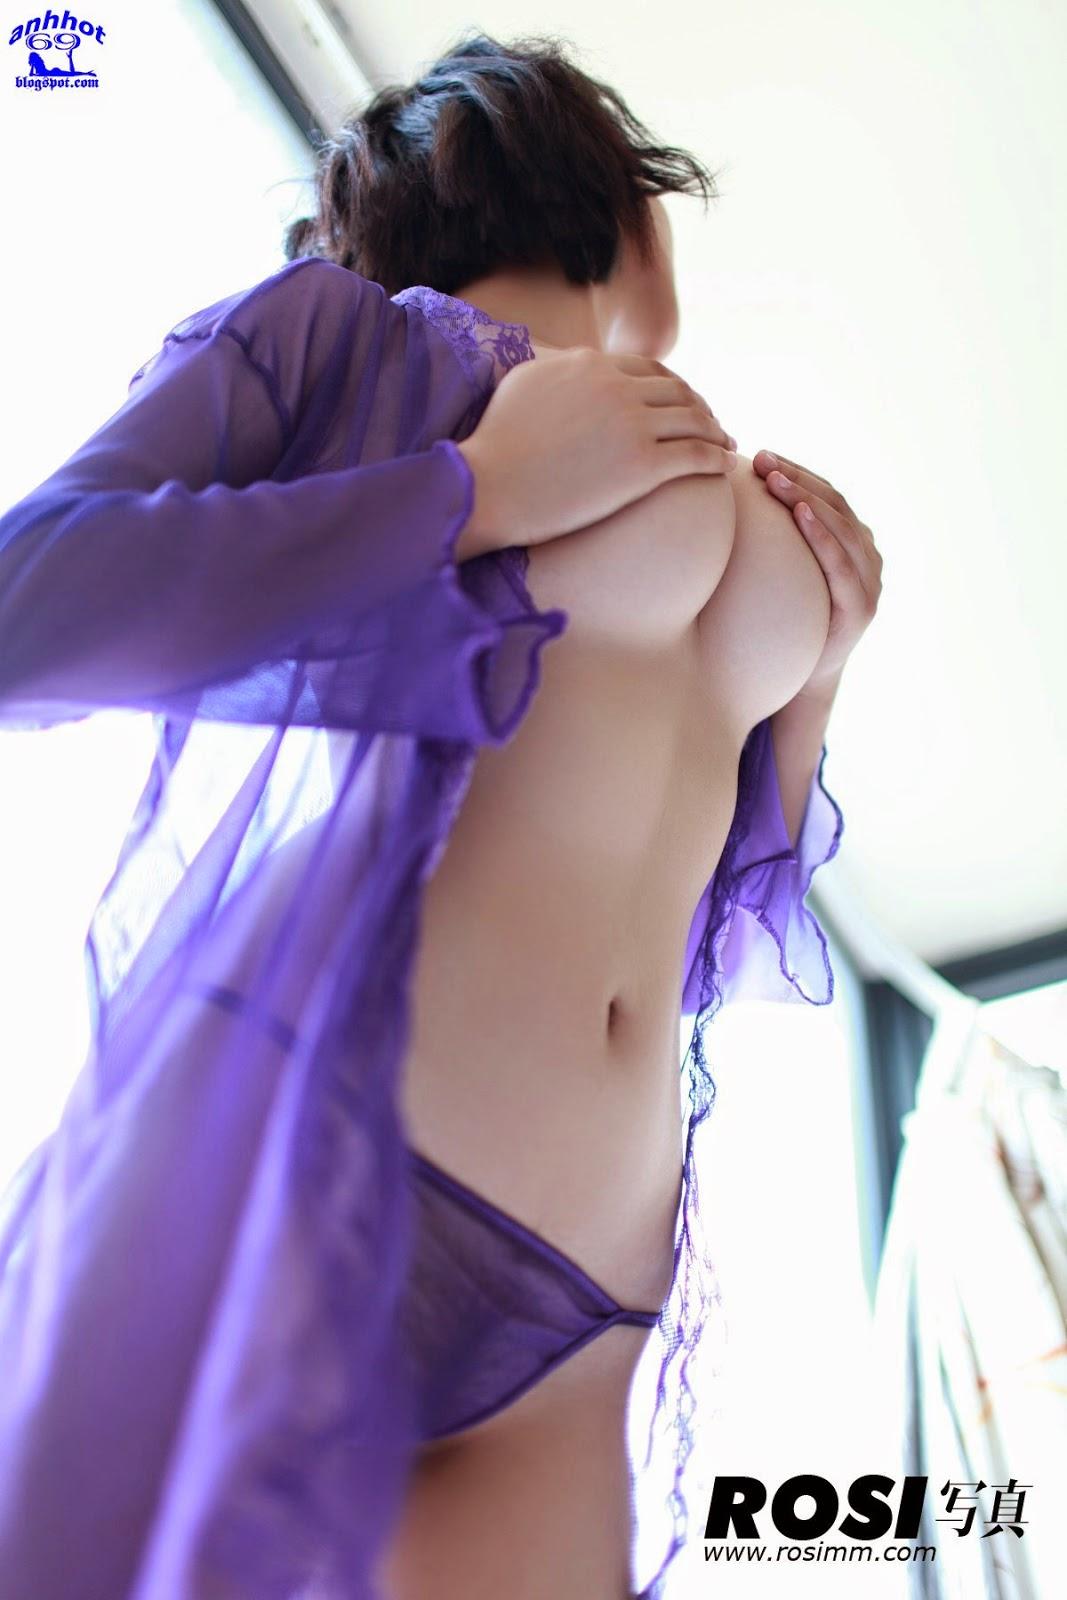 model_girl-rosi-01034449